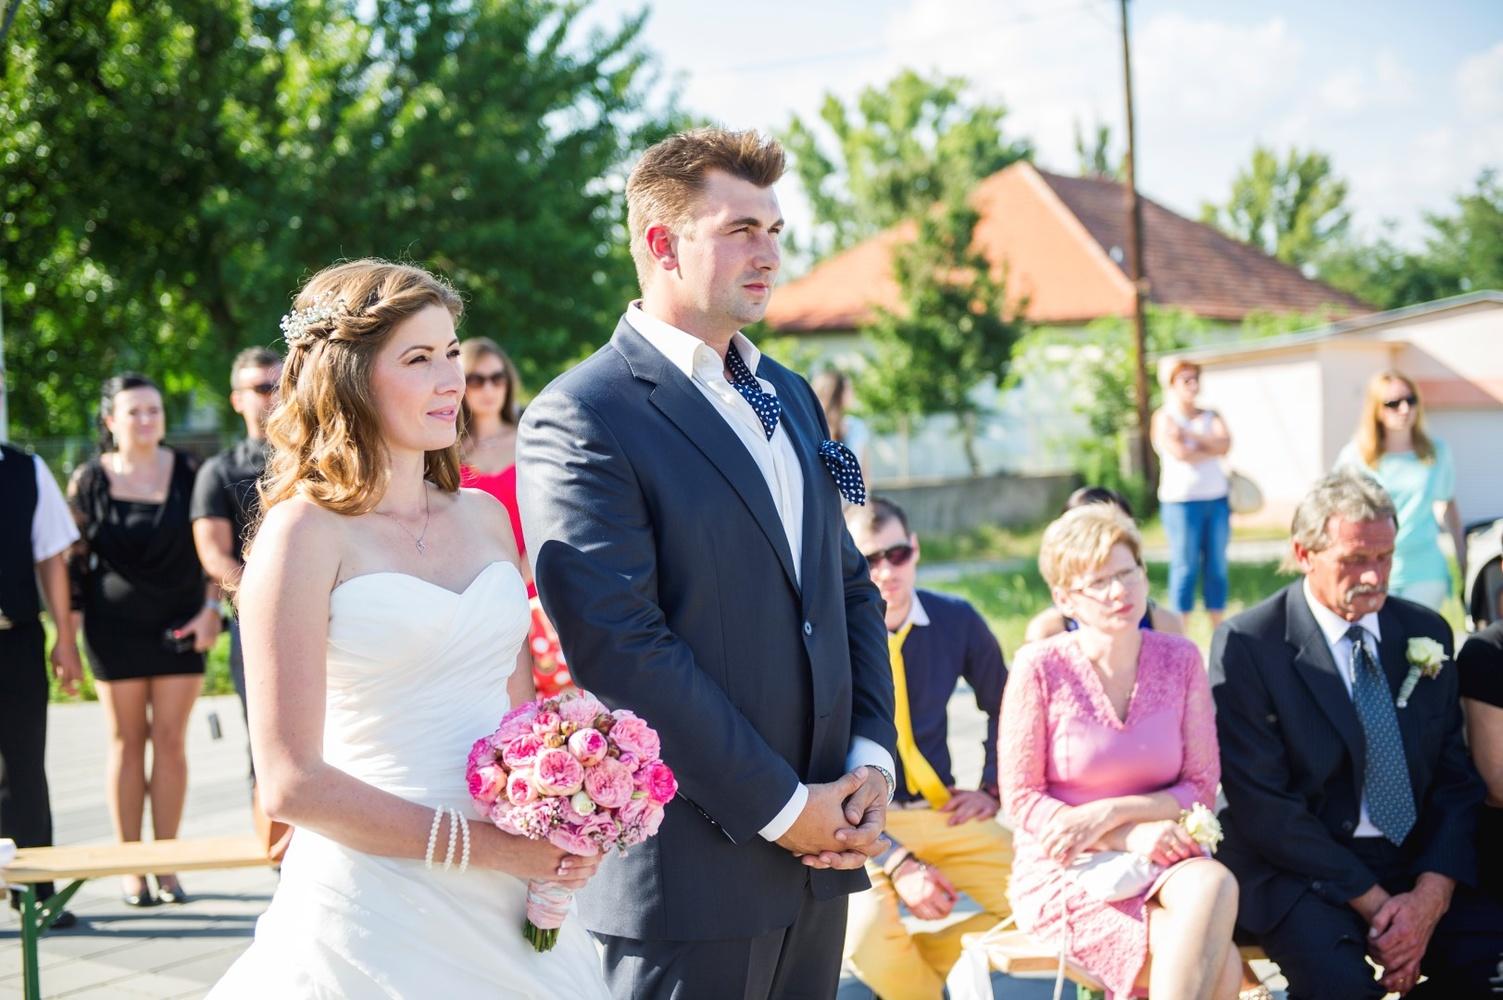 http://www.fotoz.sk/images/gallery-9/normal/eskuvoi-fotos_svadobny-fotograf_025.jpg